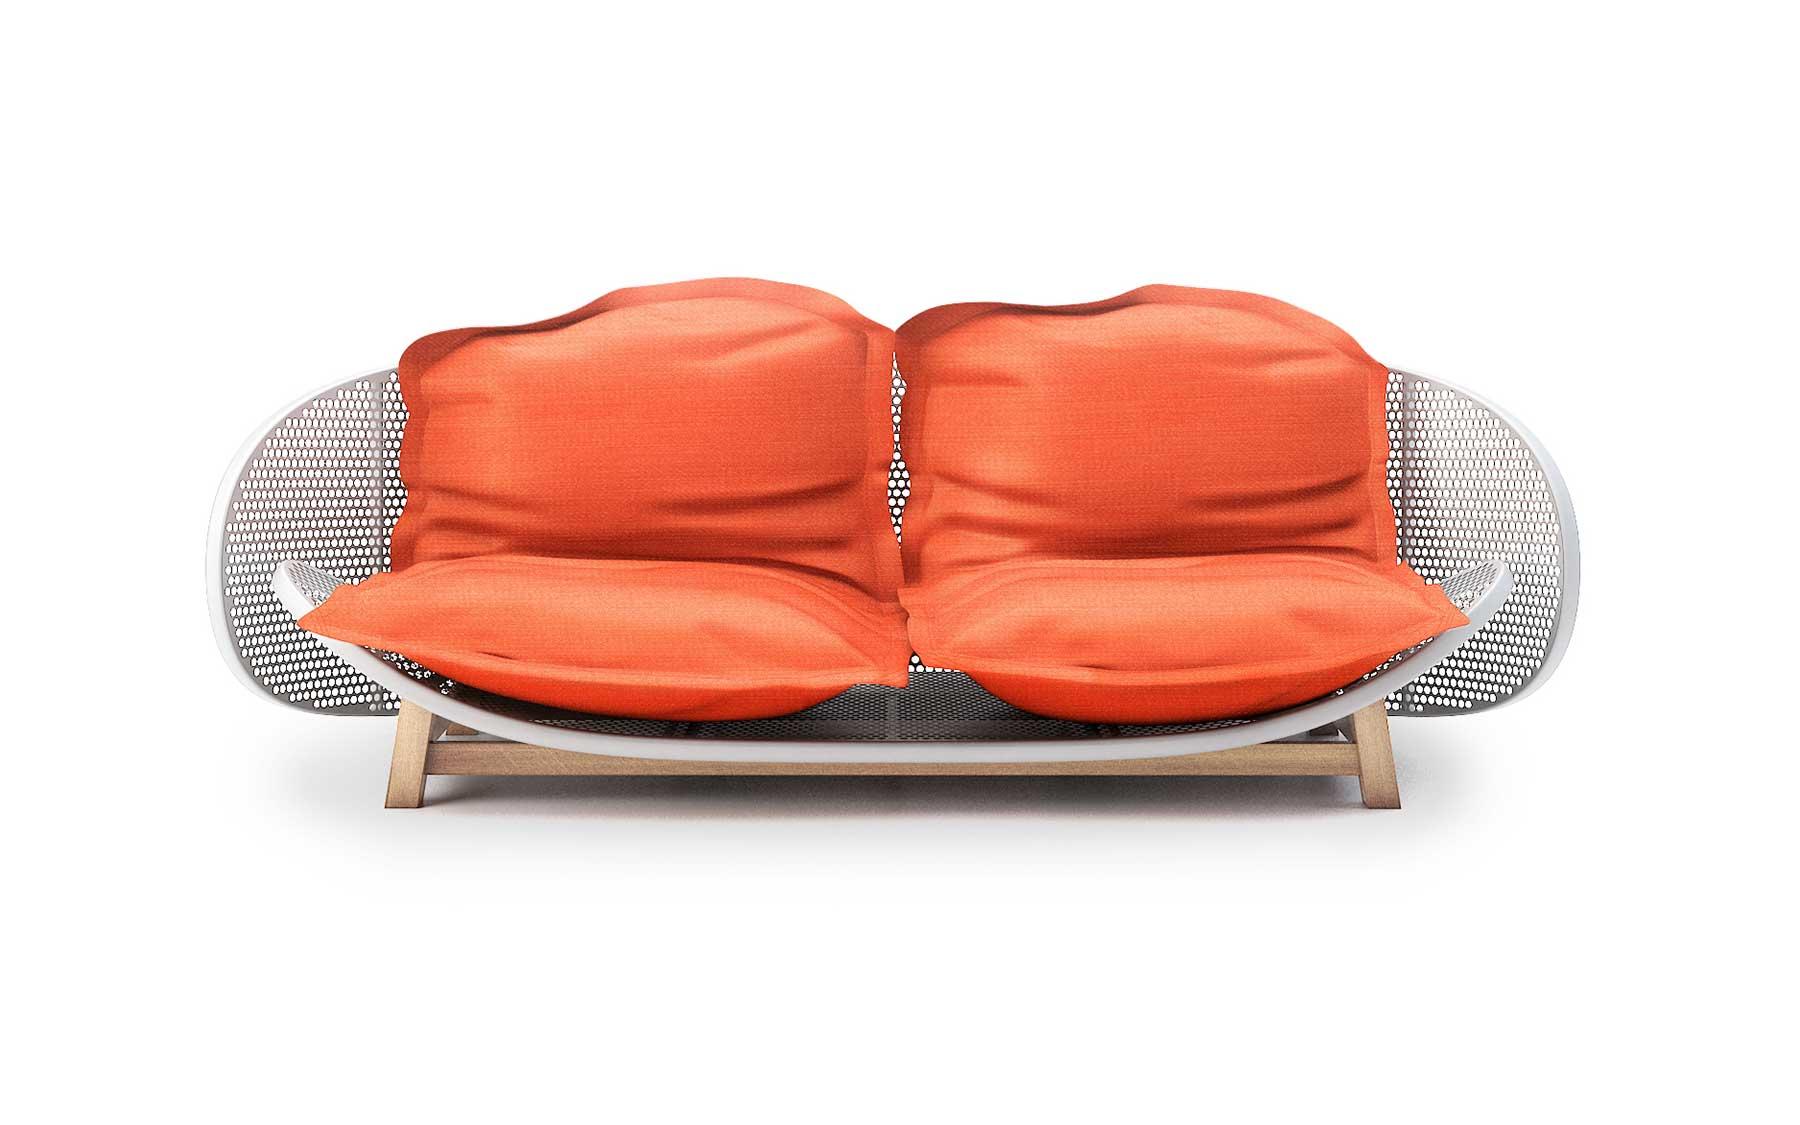 OUFS Sofa by Alexandre Boucher